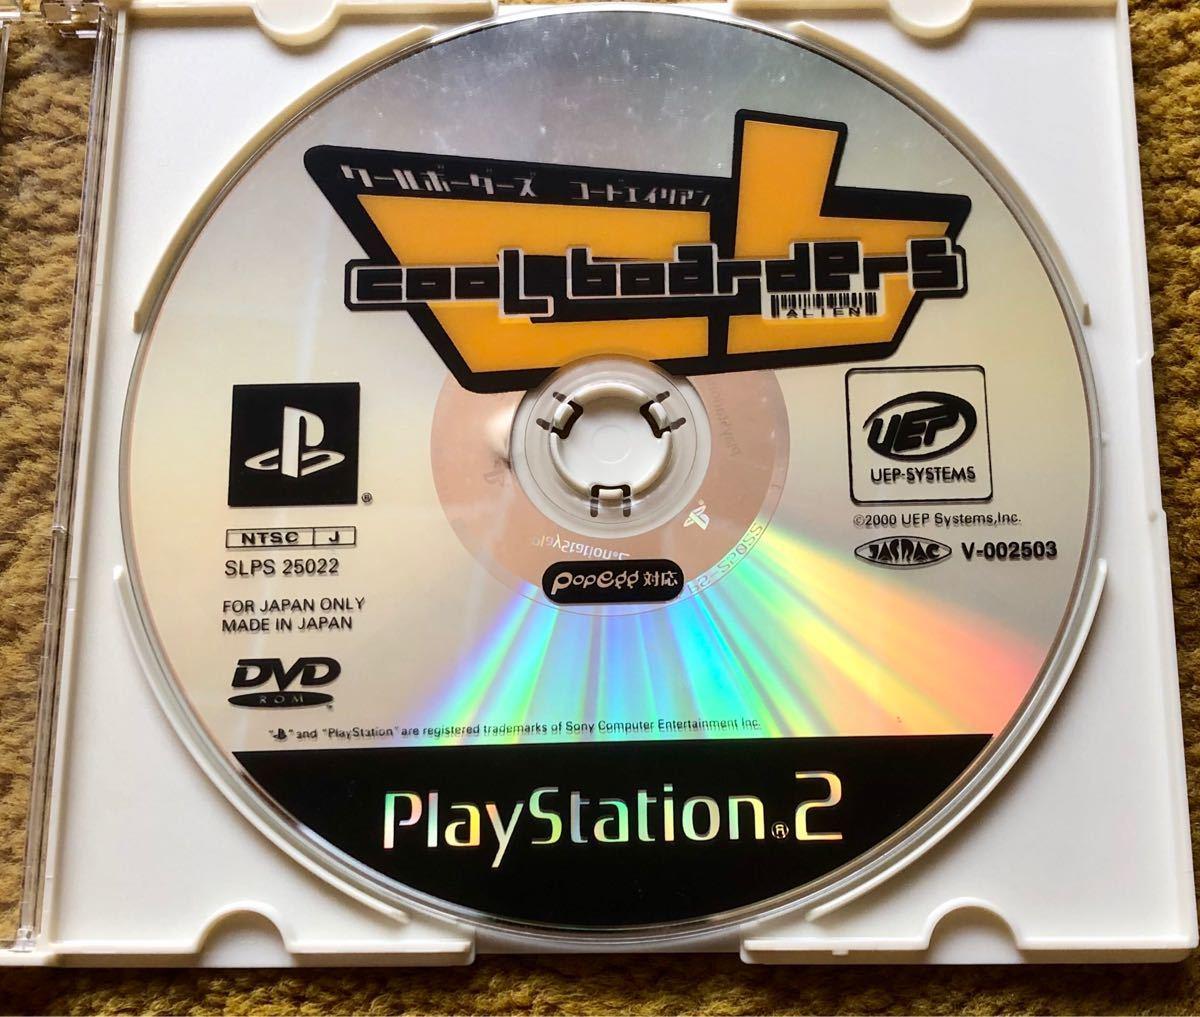 クールボーダー PS2 プレイステーション2 プレステ2